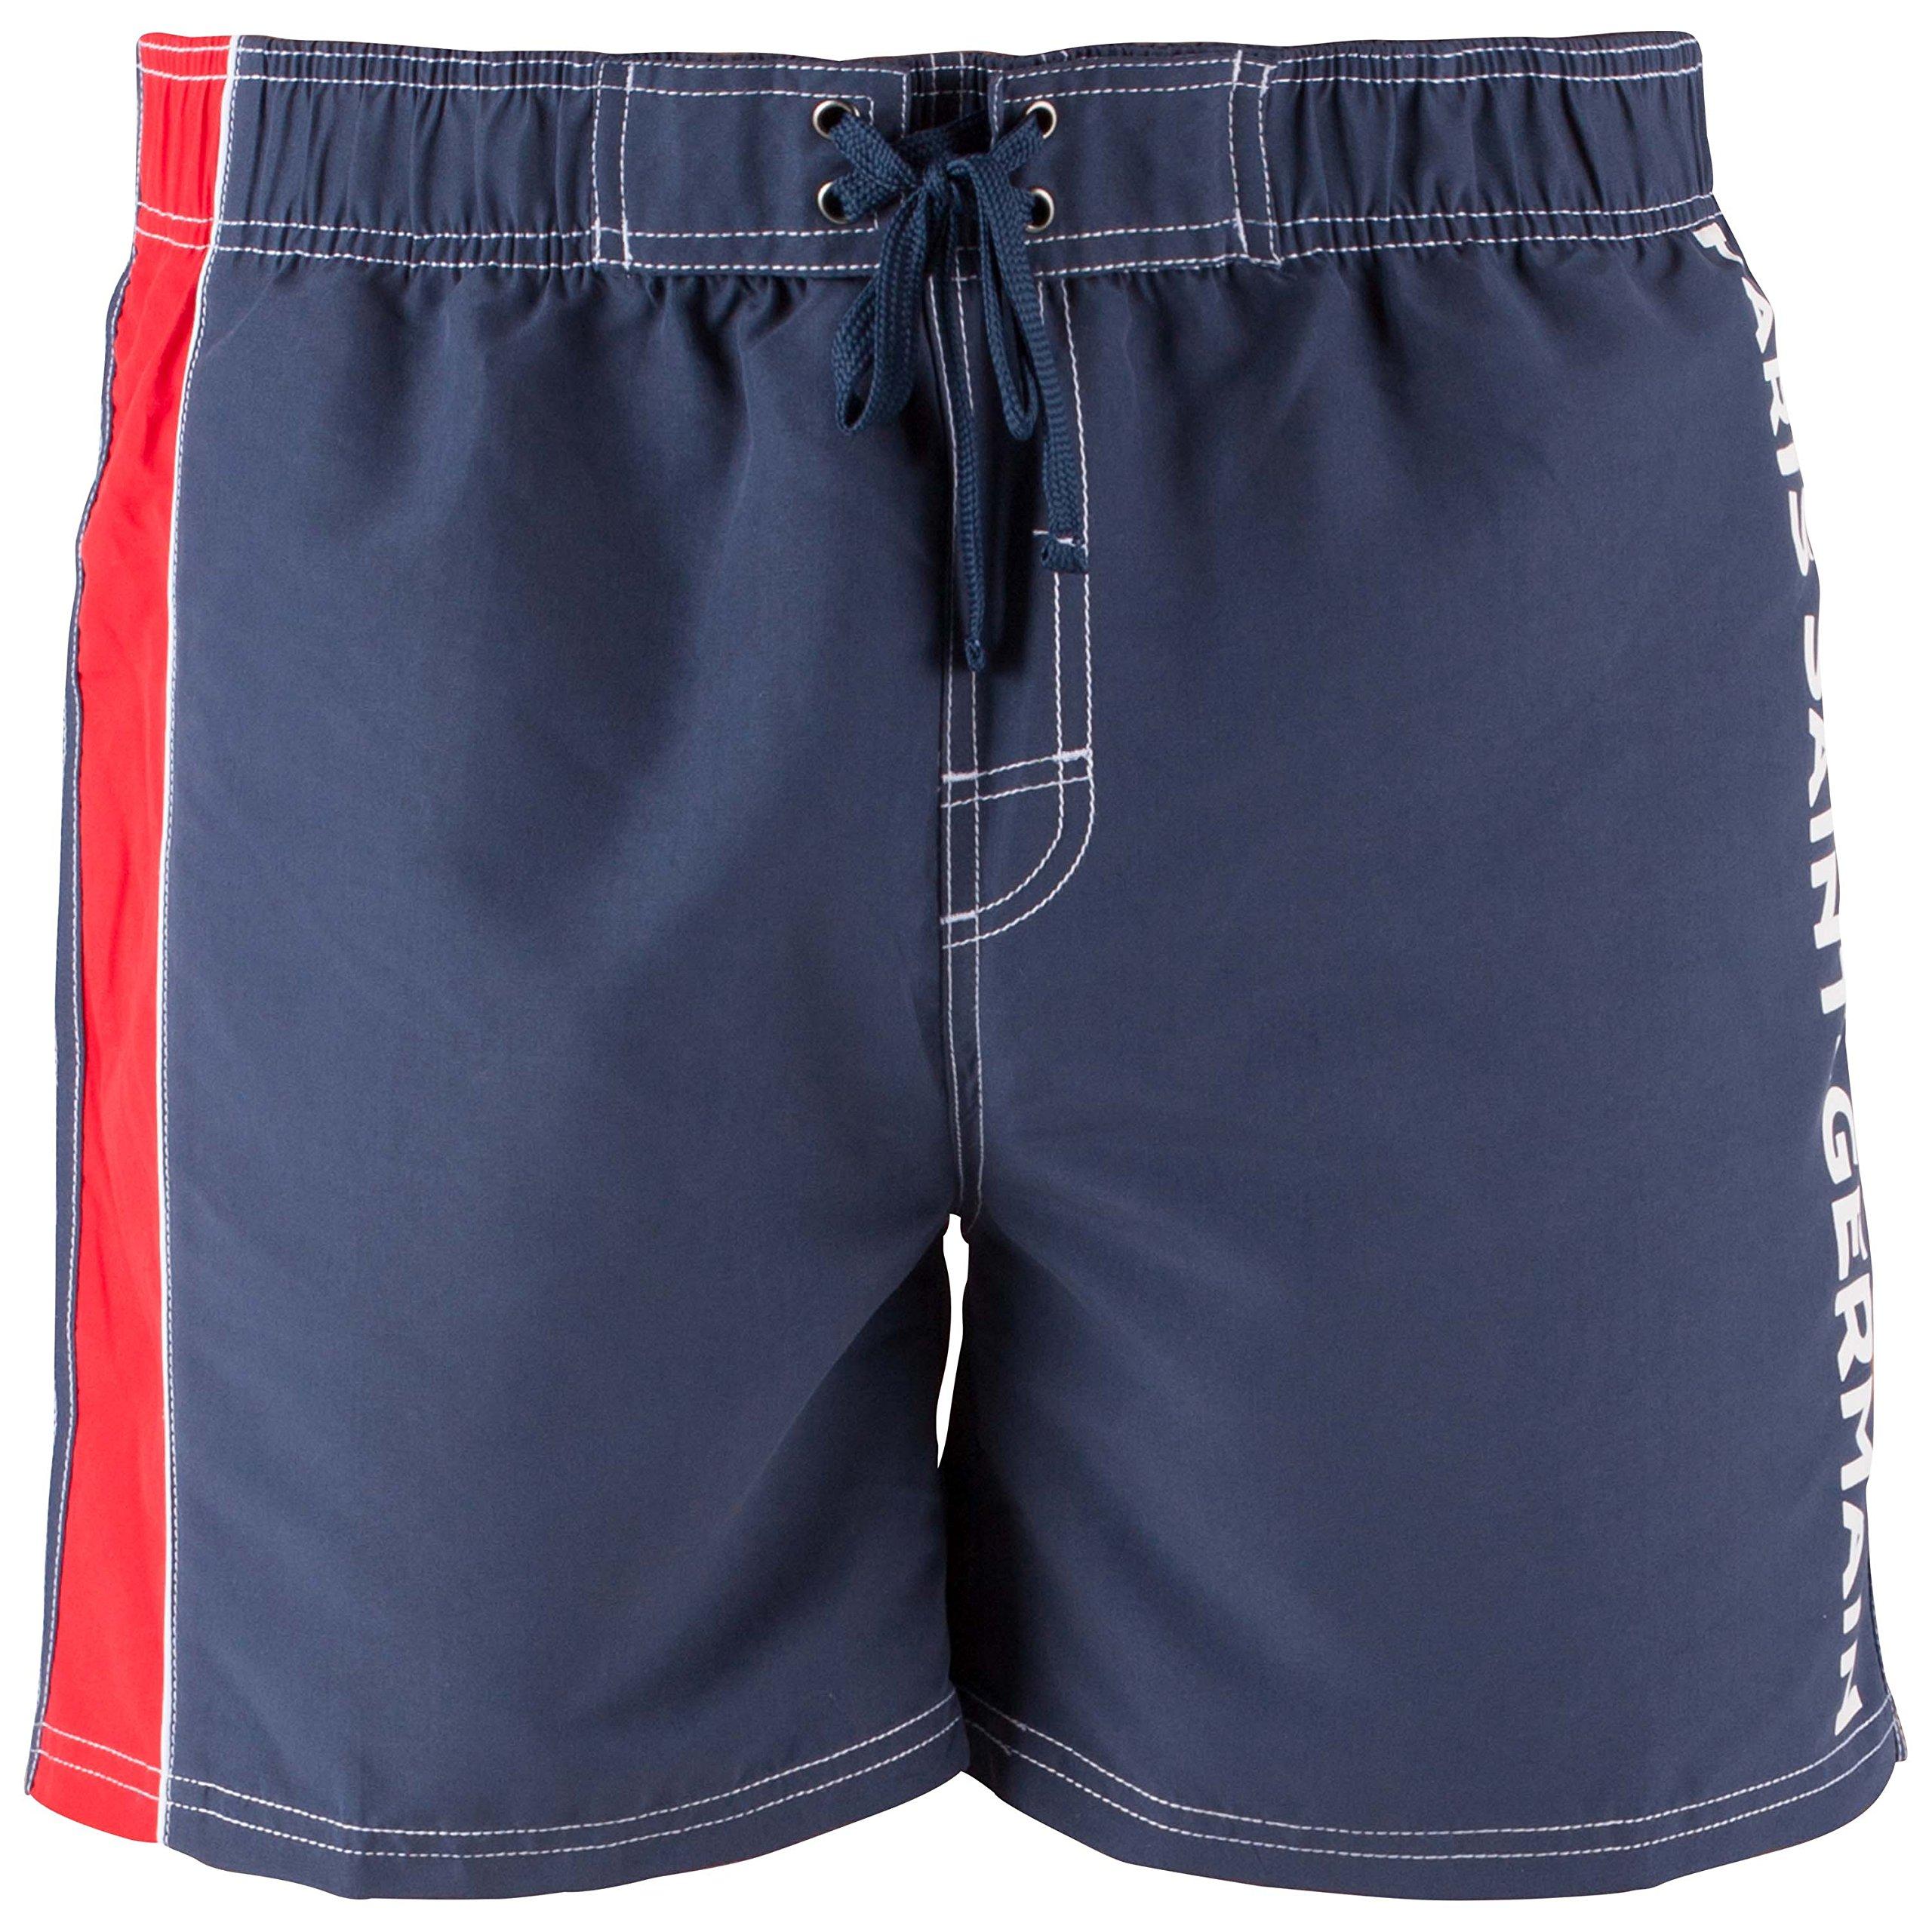 Pantaloncini da bagno, motivo: PSG PARIS SAINT GERMAIN, collezione ufficiale, taglia: bambino, raga